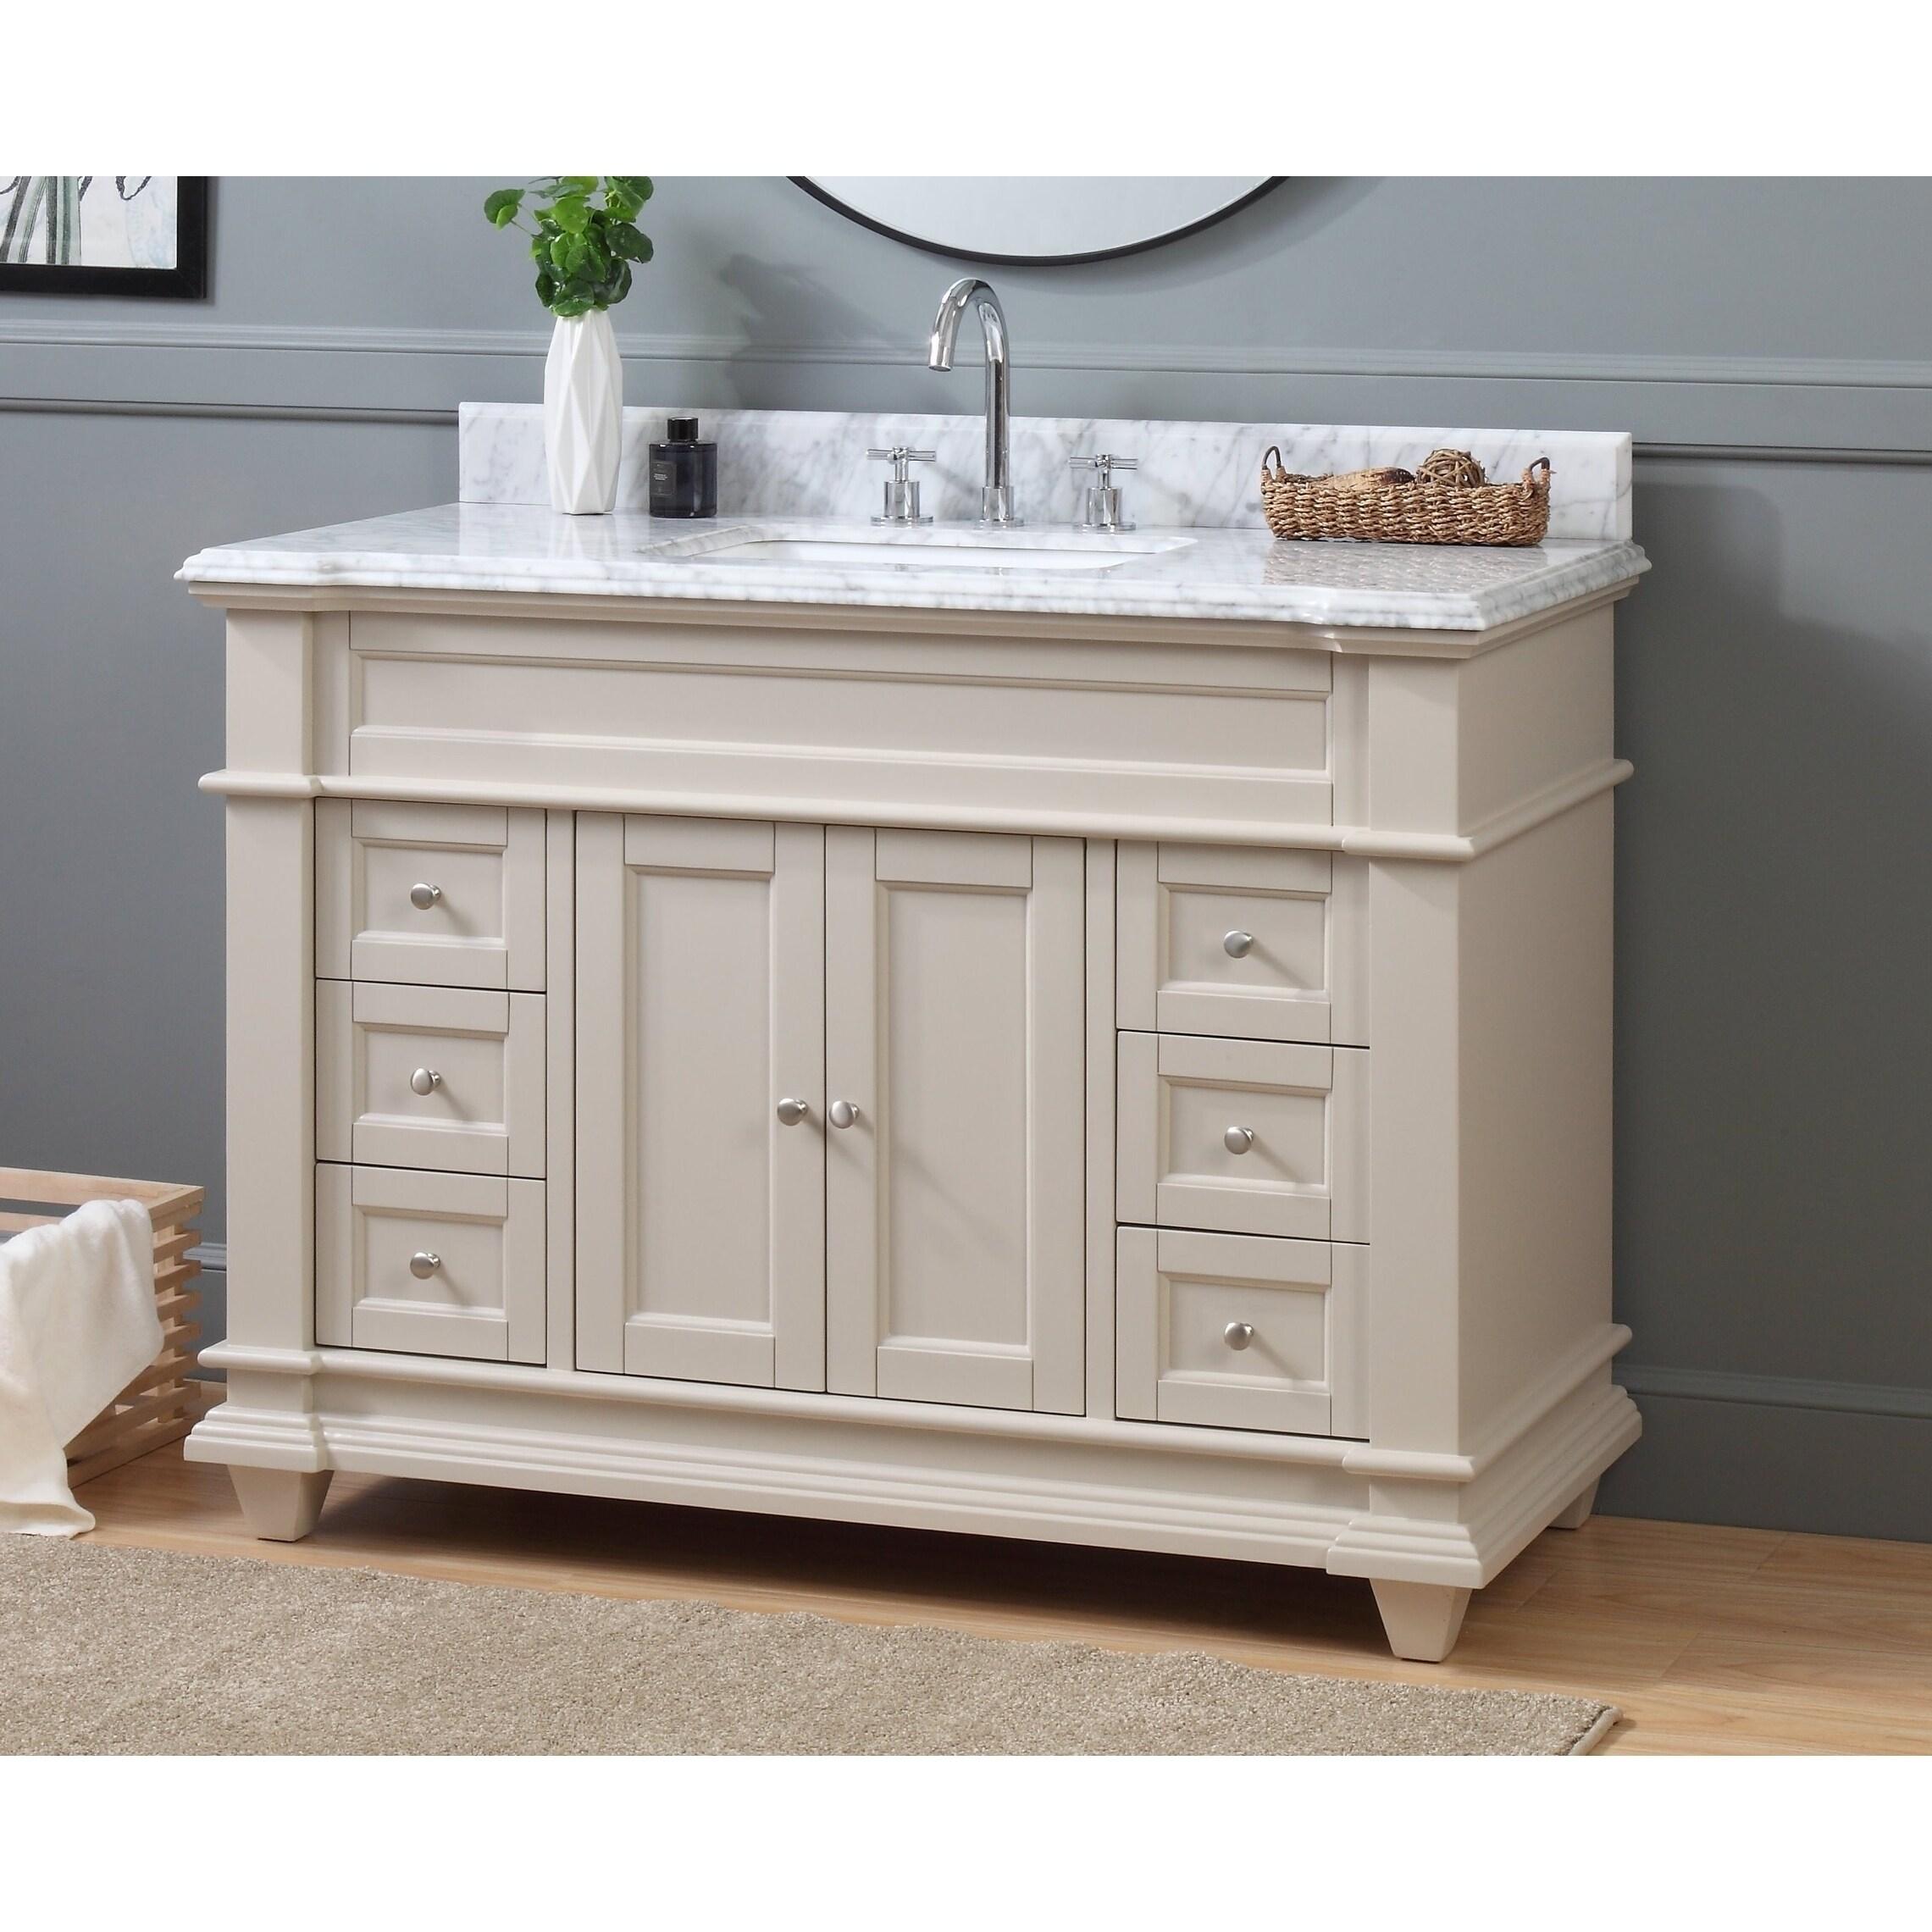 buy 46 inch bathroom vanities vanity cabinets online at overstock rh overstock com 46 bathroom vanity cabinets 46 bathroom vanity with sink